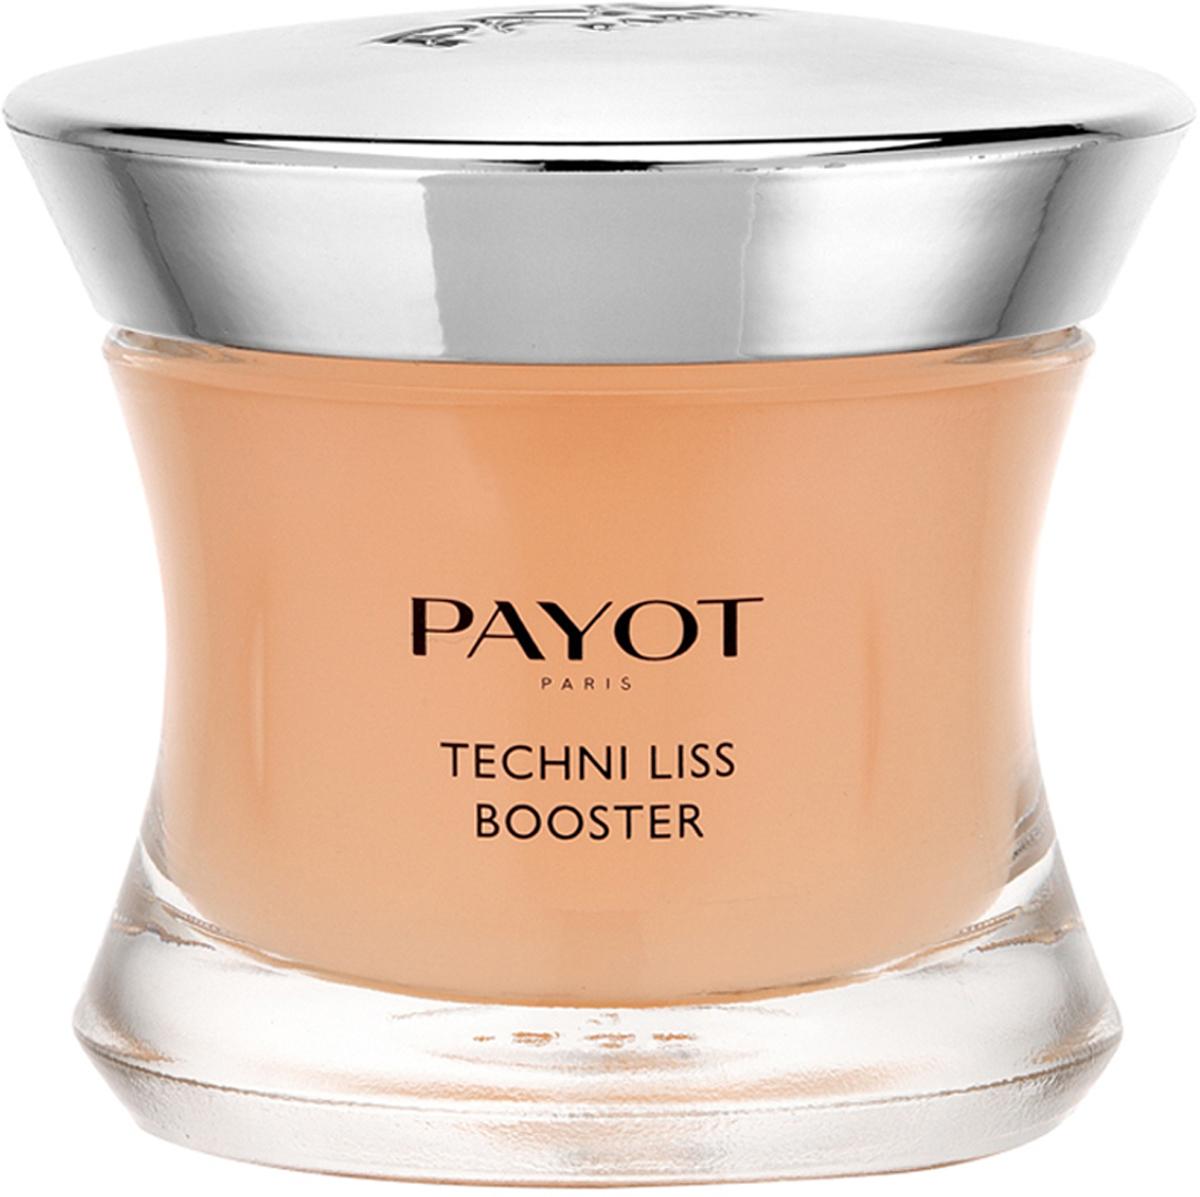 Payot Techni Liss Гель для возвращения объема коже с гиалуроновой кислотой, 50 мл крем для лица payot techni liss first 50 мл